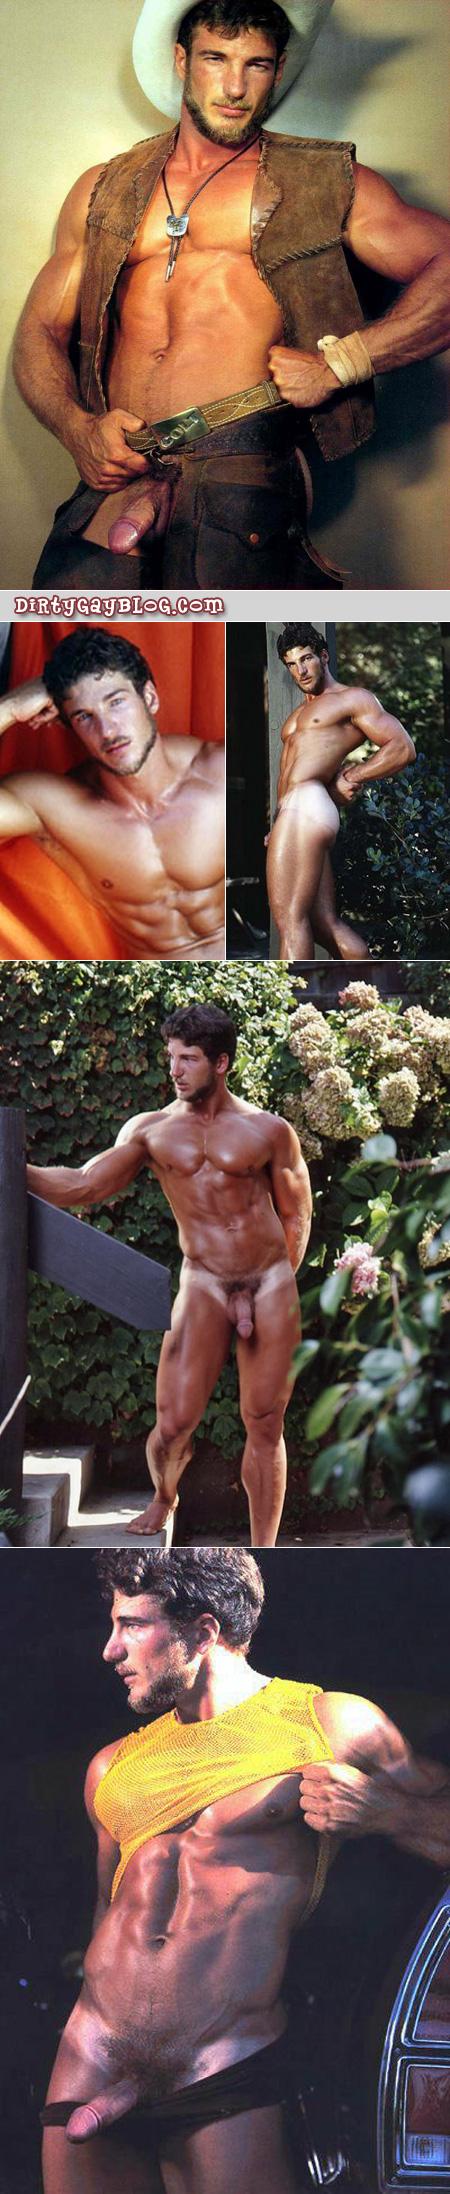 Gay porn star Rick Wolfmier